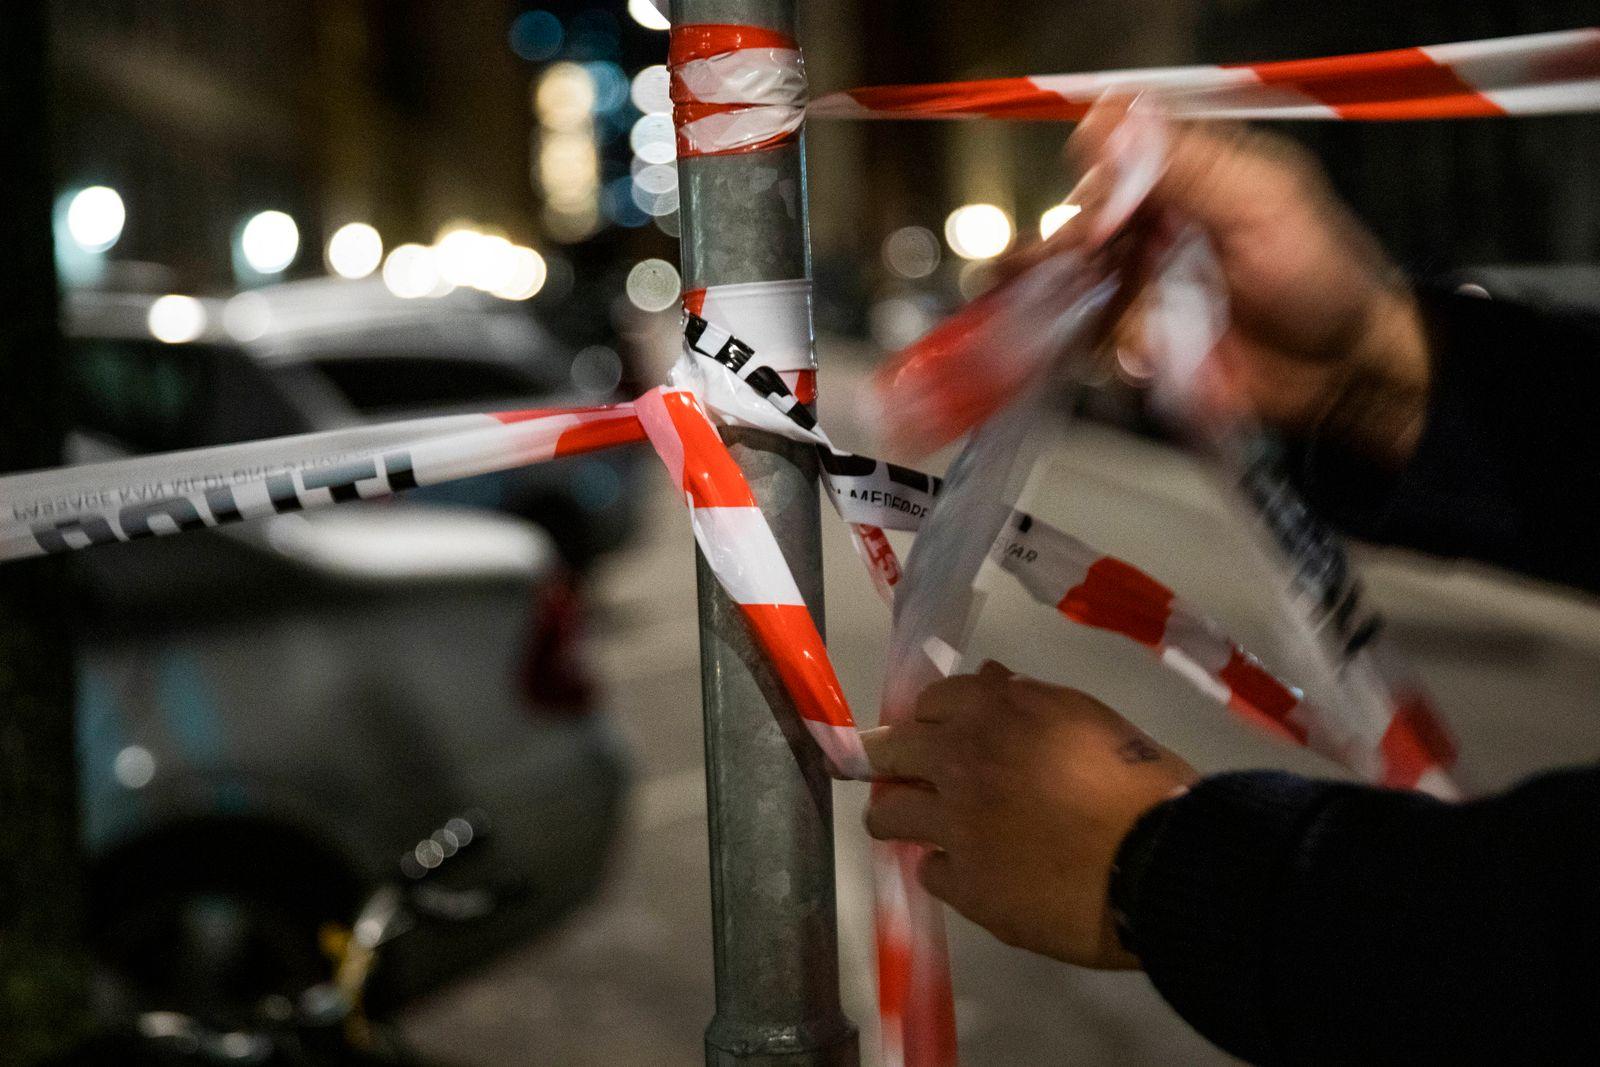 Politi i gaderne omkring Ole Suhrs Gade i Koebenhavn mandag den 2. november 2020. Som en praeventiv sikkerhedsforanstal